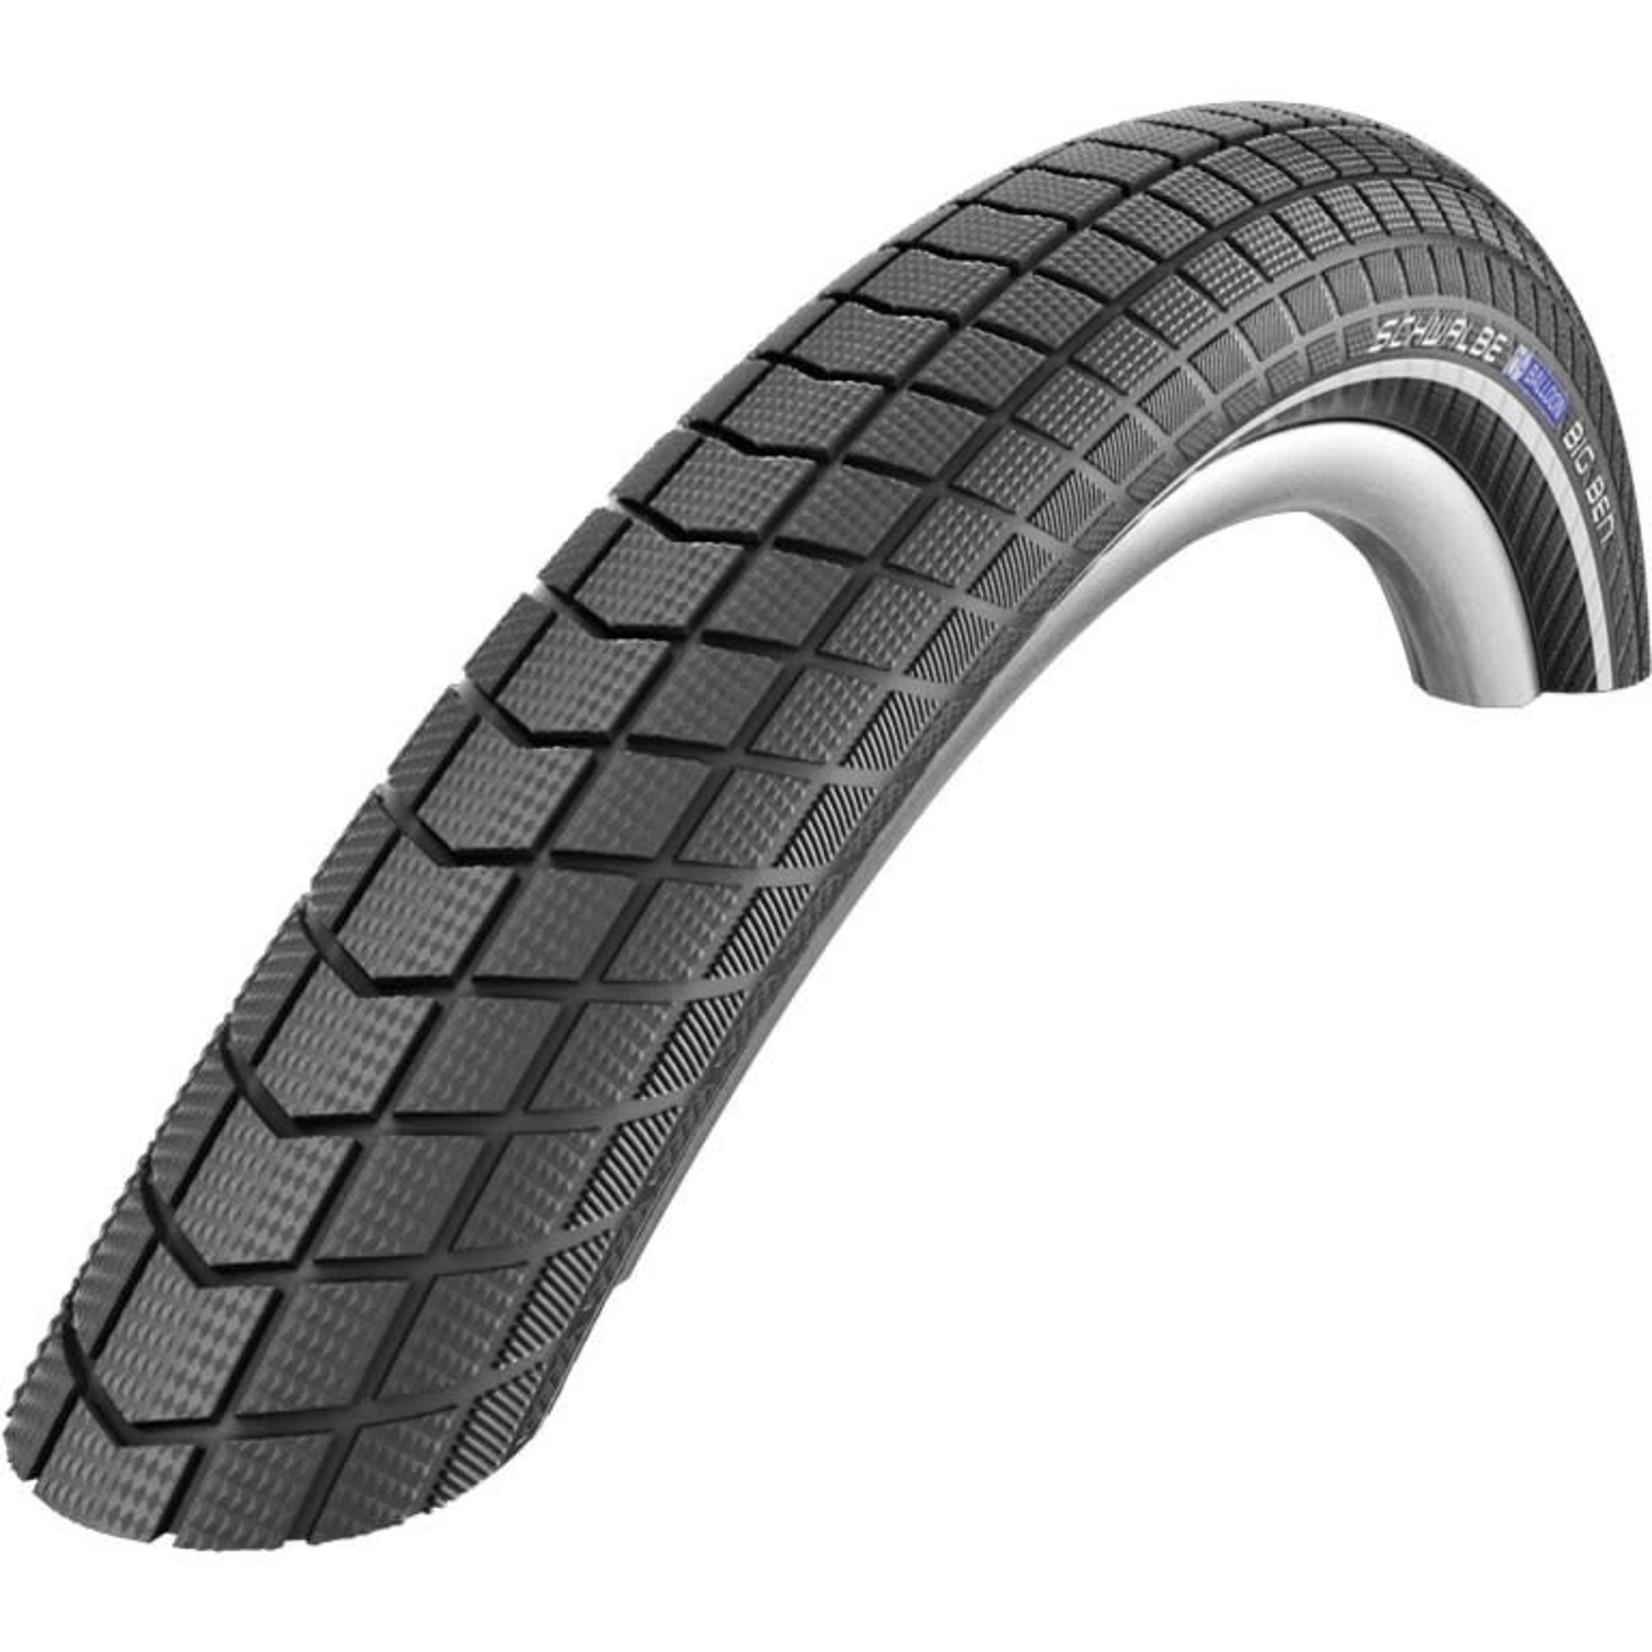 Schwalbe Schwalbe Big Ben Wire Bead Tire, 27.5x2.00